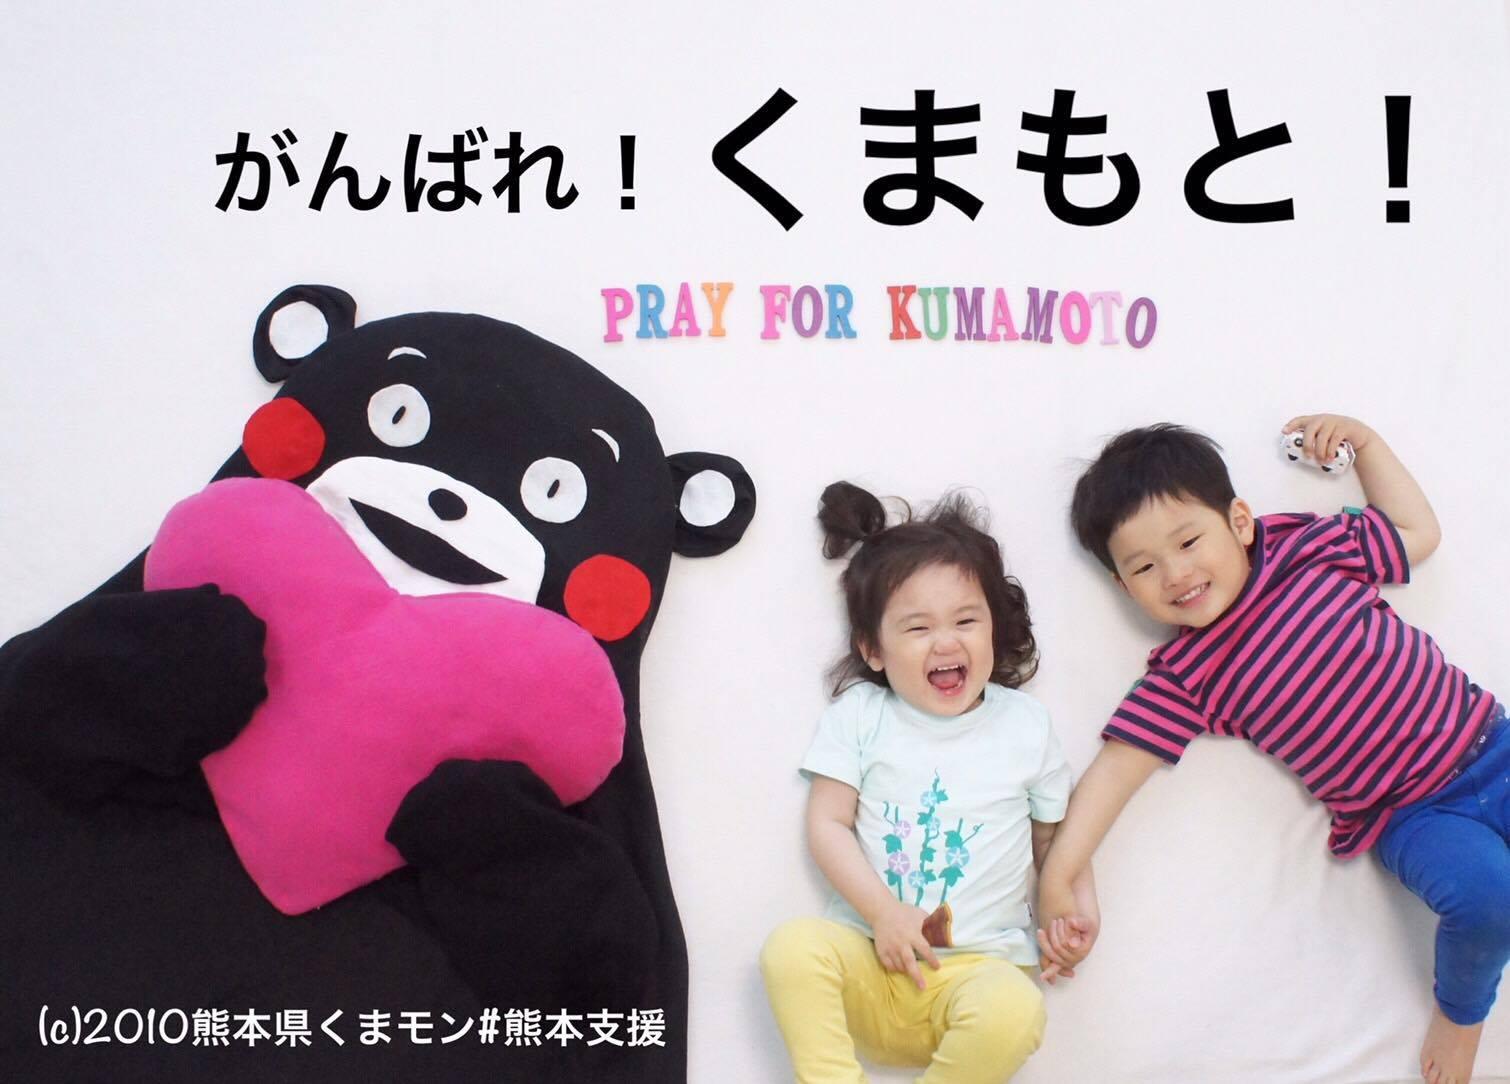 熊本地震チャリティ企画「くまモン」ベビードリームアート撮影会